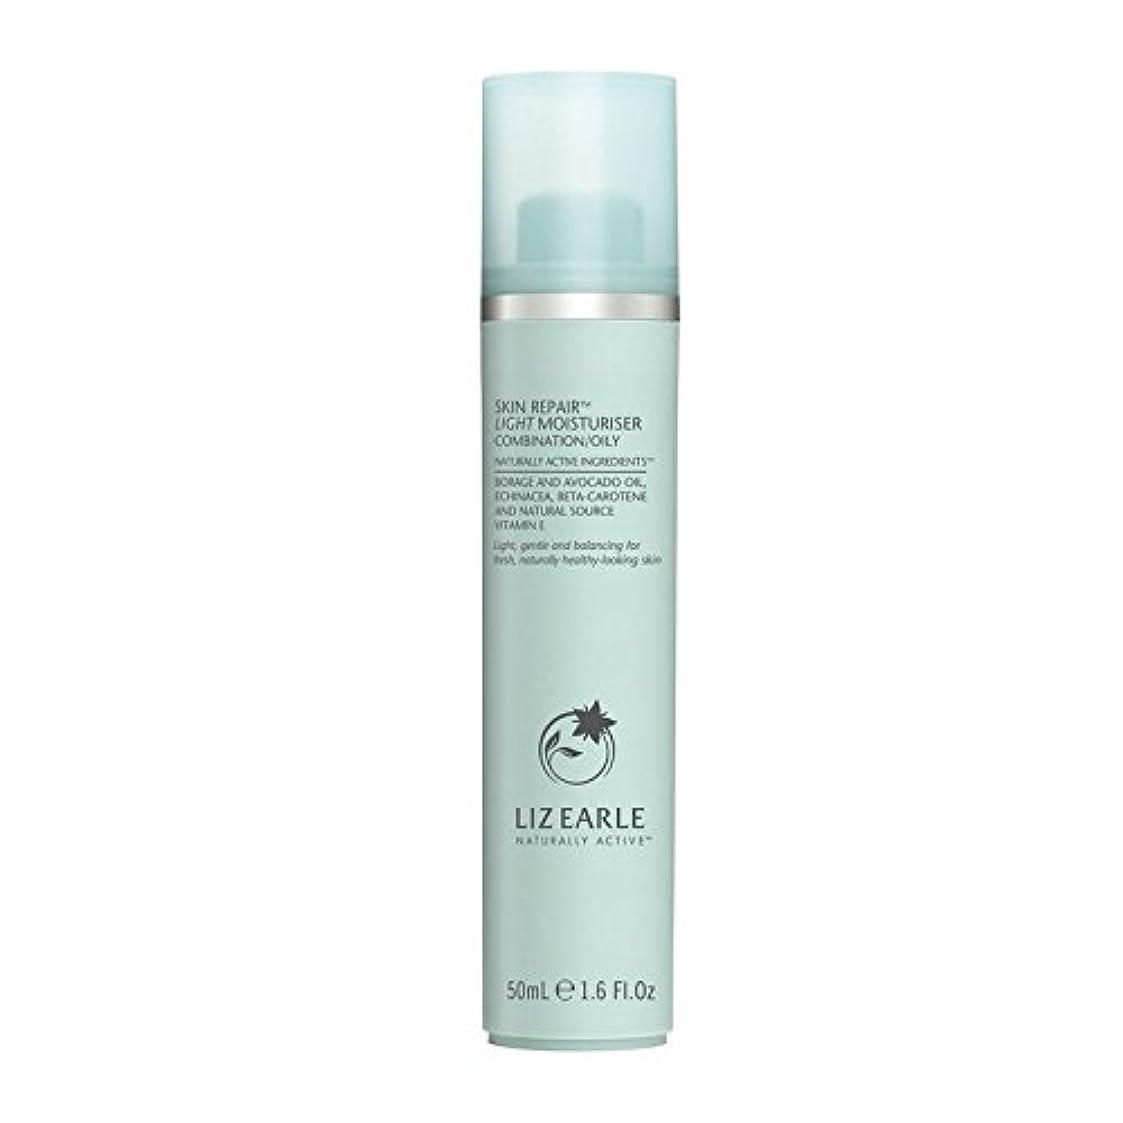 クラシック非常にあたりリズアールスキンリペア光の保湿剤の組み合わせ/油性50ミリリットル x2 - Liz Earle Skin Repair Light Moisturiser Combination/Oily 50ml (Pack of...